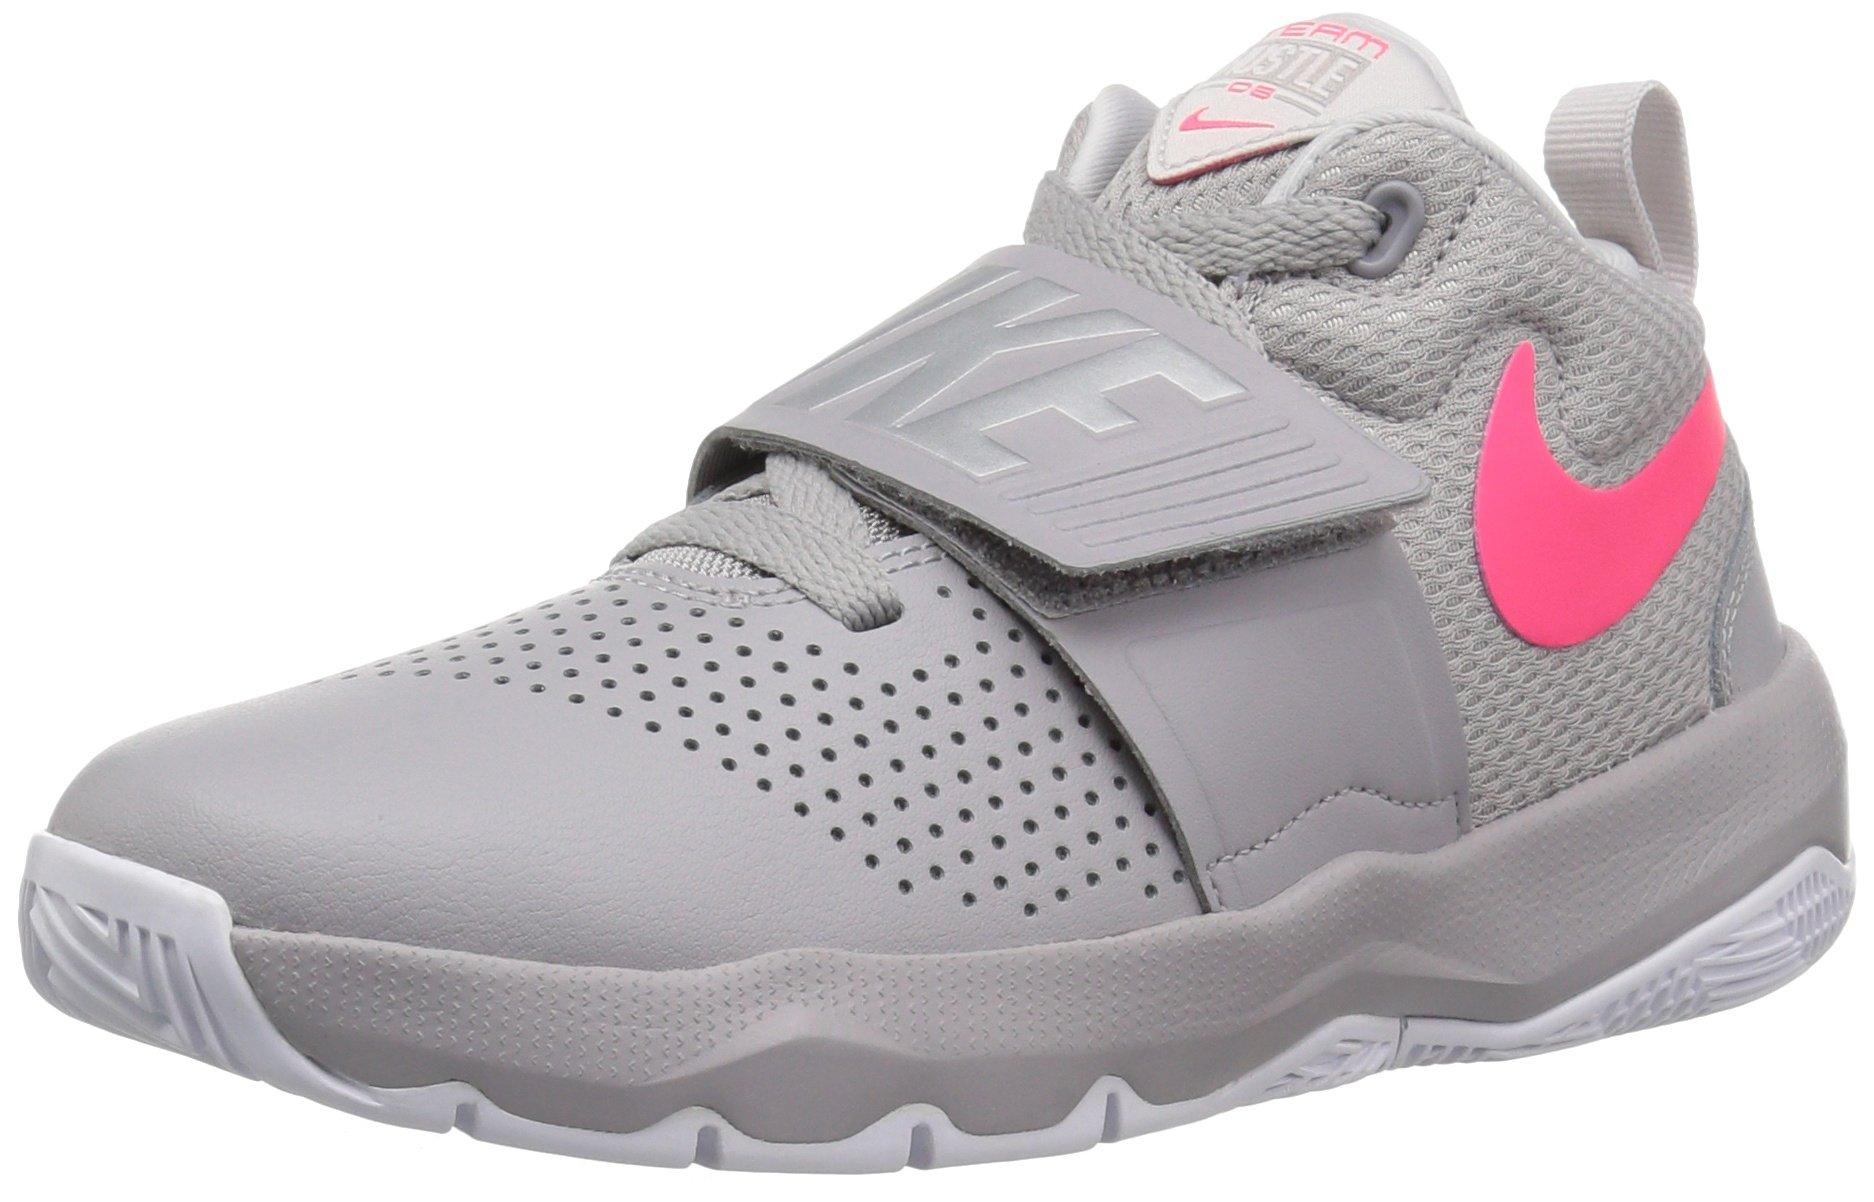 Nike Boys' Team Hustle D 8 (GS) Basketball Shoe Atmosphere Racer Pink-VAST Grey, 4Y Youth US Big Kid